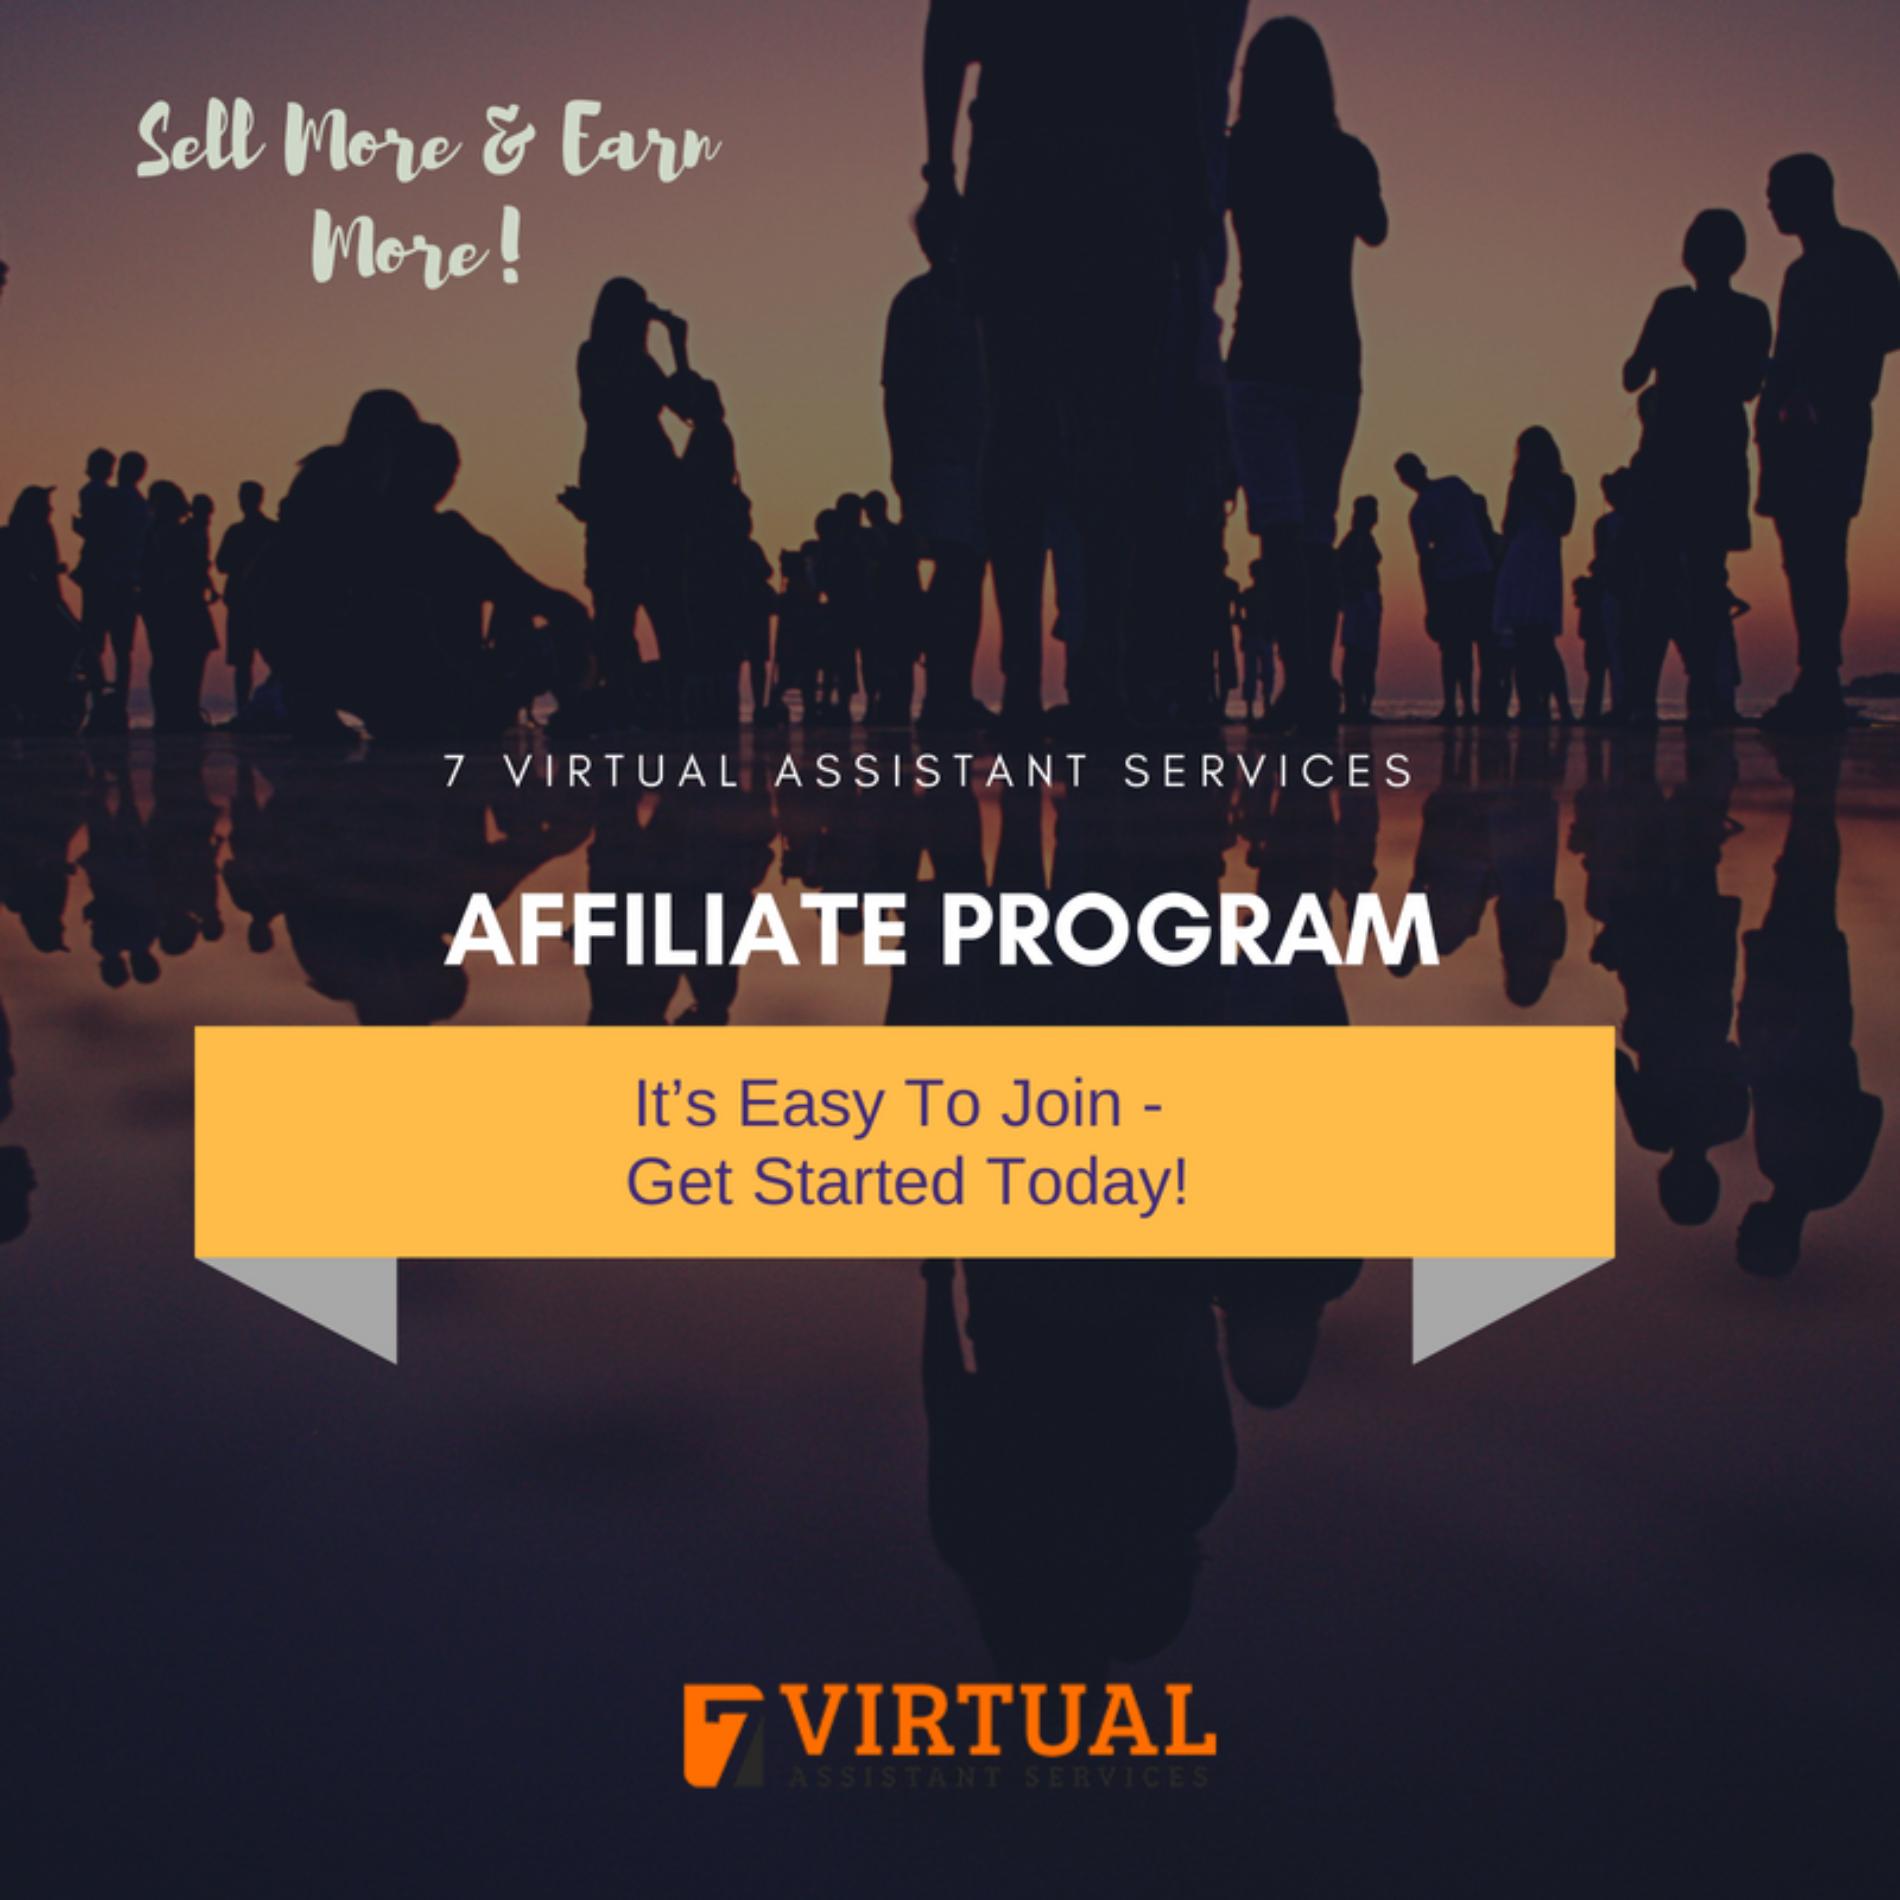 7 Virtual Assistant Services Affiliate Program